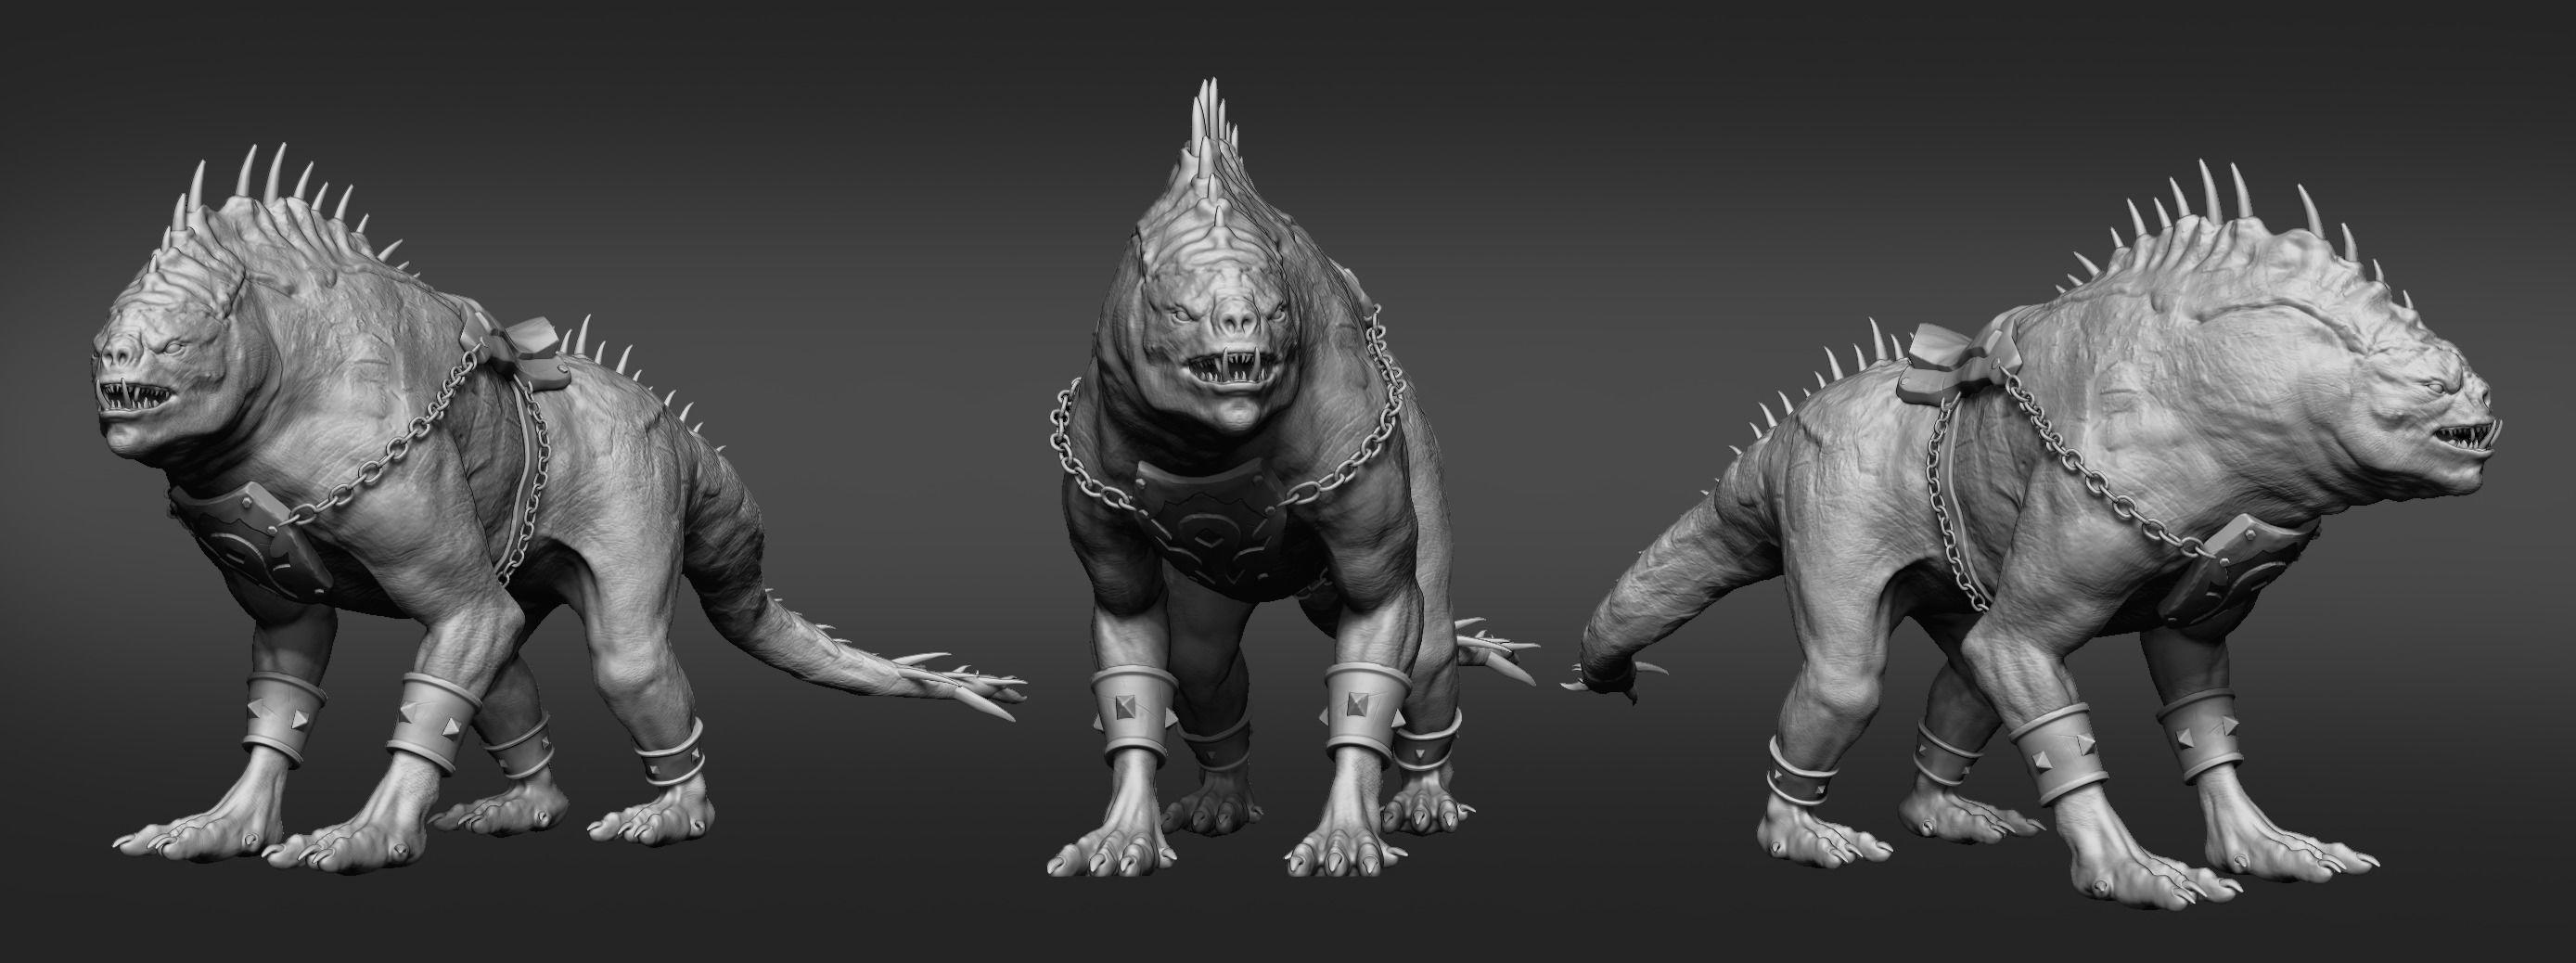 Orc Creature Sculpture Statue